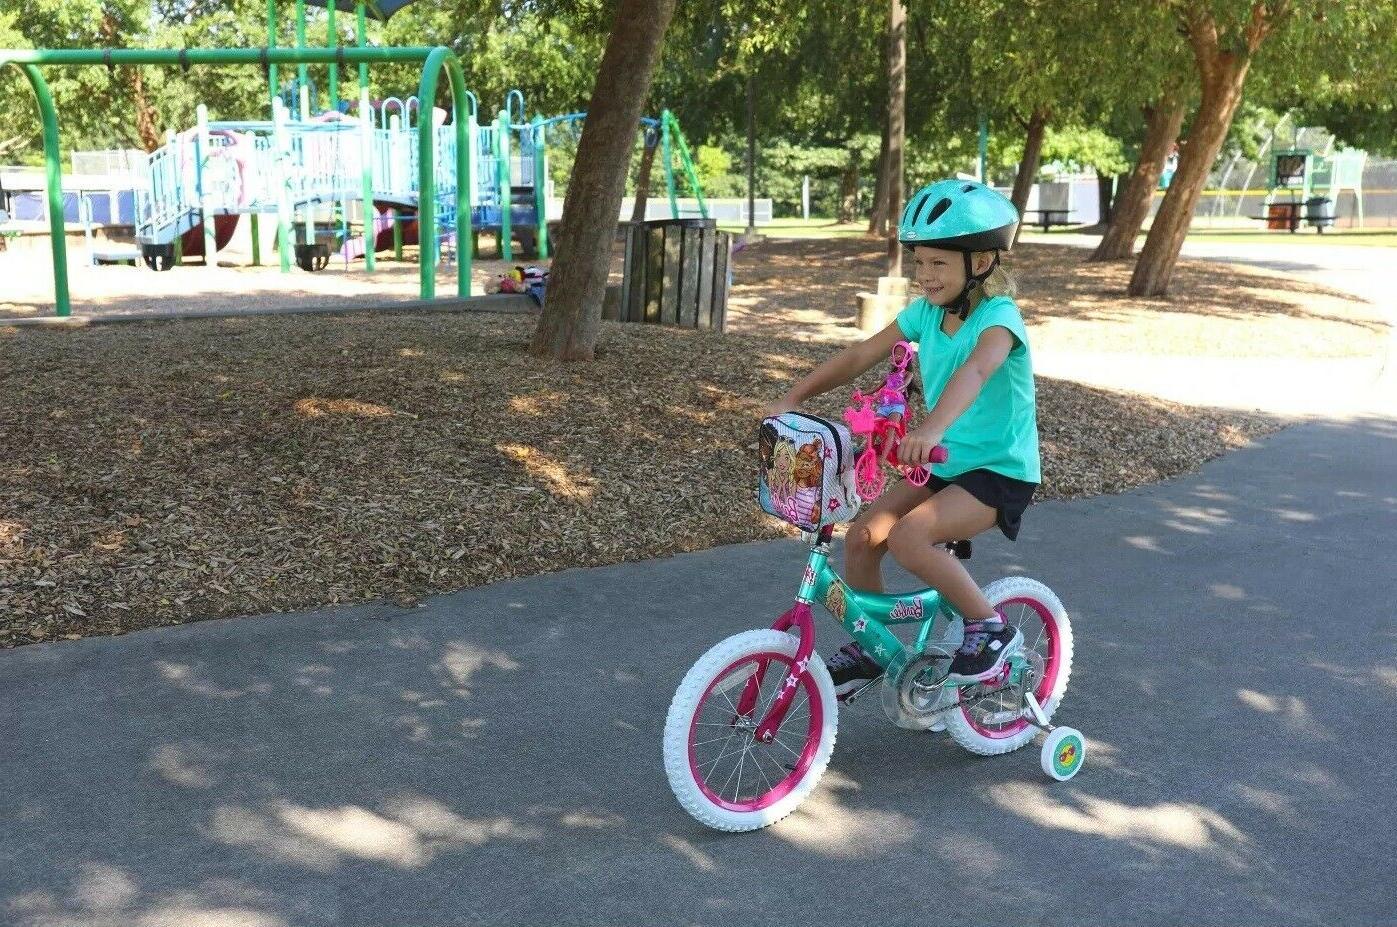 Barbie Girls Bike Bicycle inch Minibike and Bag 4-7